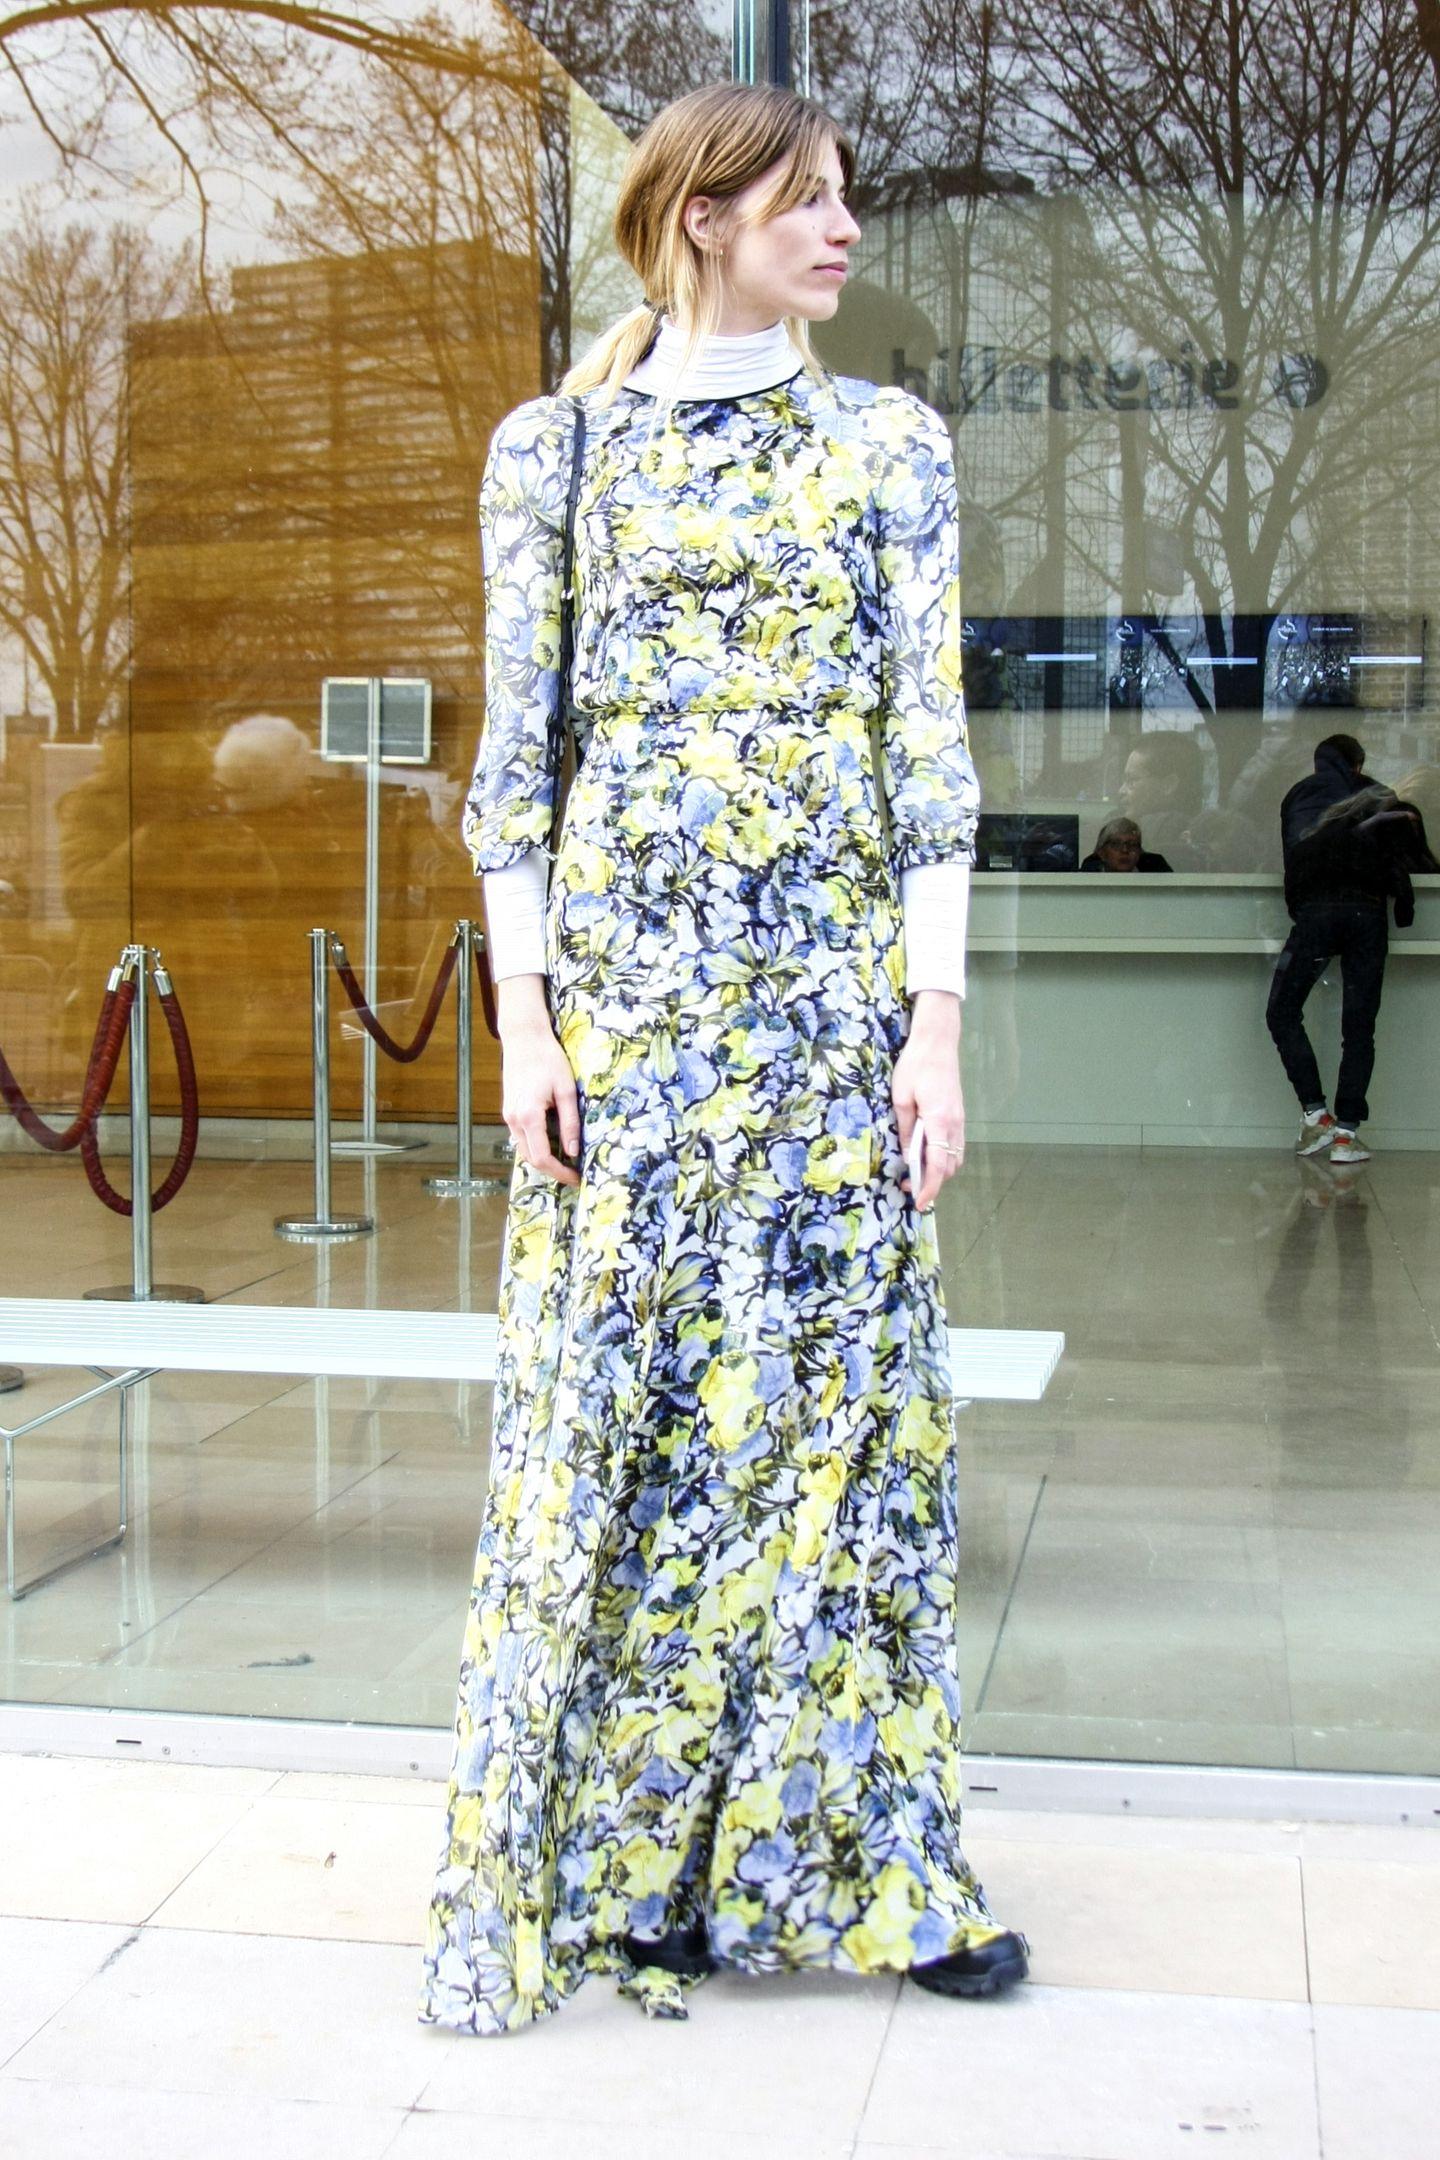 Blumen verwelken, Blumen-Prints vergehen nie! Stilikone Veronika Heiobrunner zeigt uns ihr bodenlanges, luftiges Kleid.